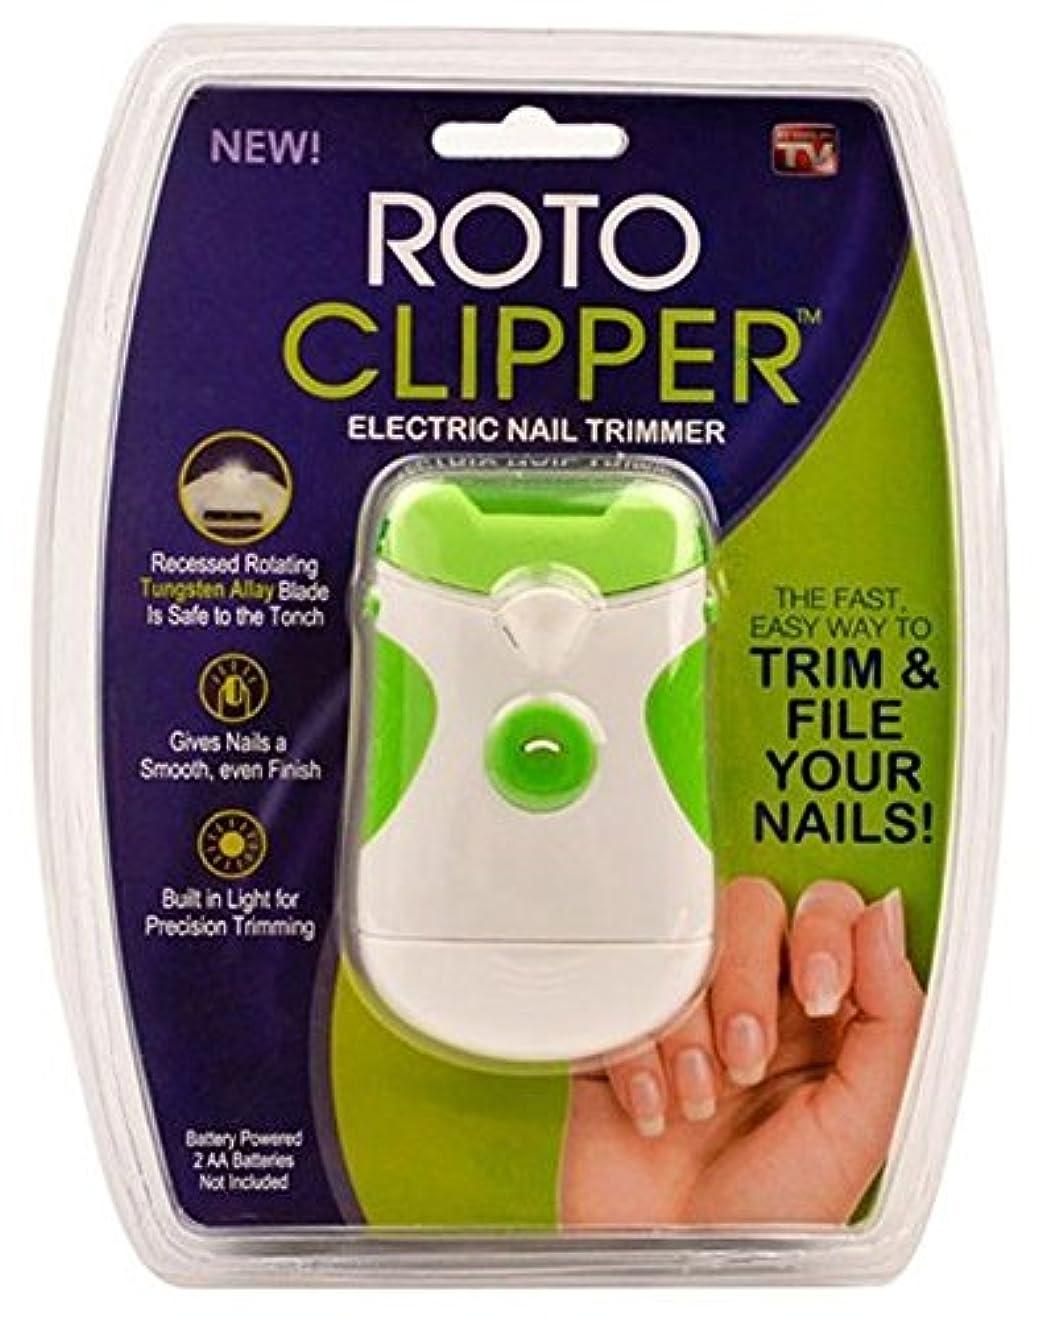 クリープ最小化する伴うStardust 電動 清潔 電池 式 ネイル 簡単 爪 切り 爪 とぎ やすり 手 削り 綺麗 爪 オート マチック SD-TUMEME